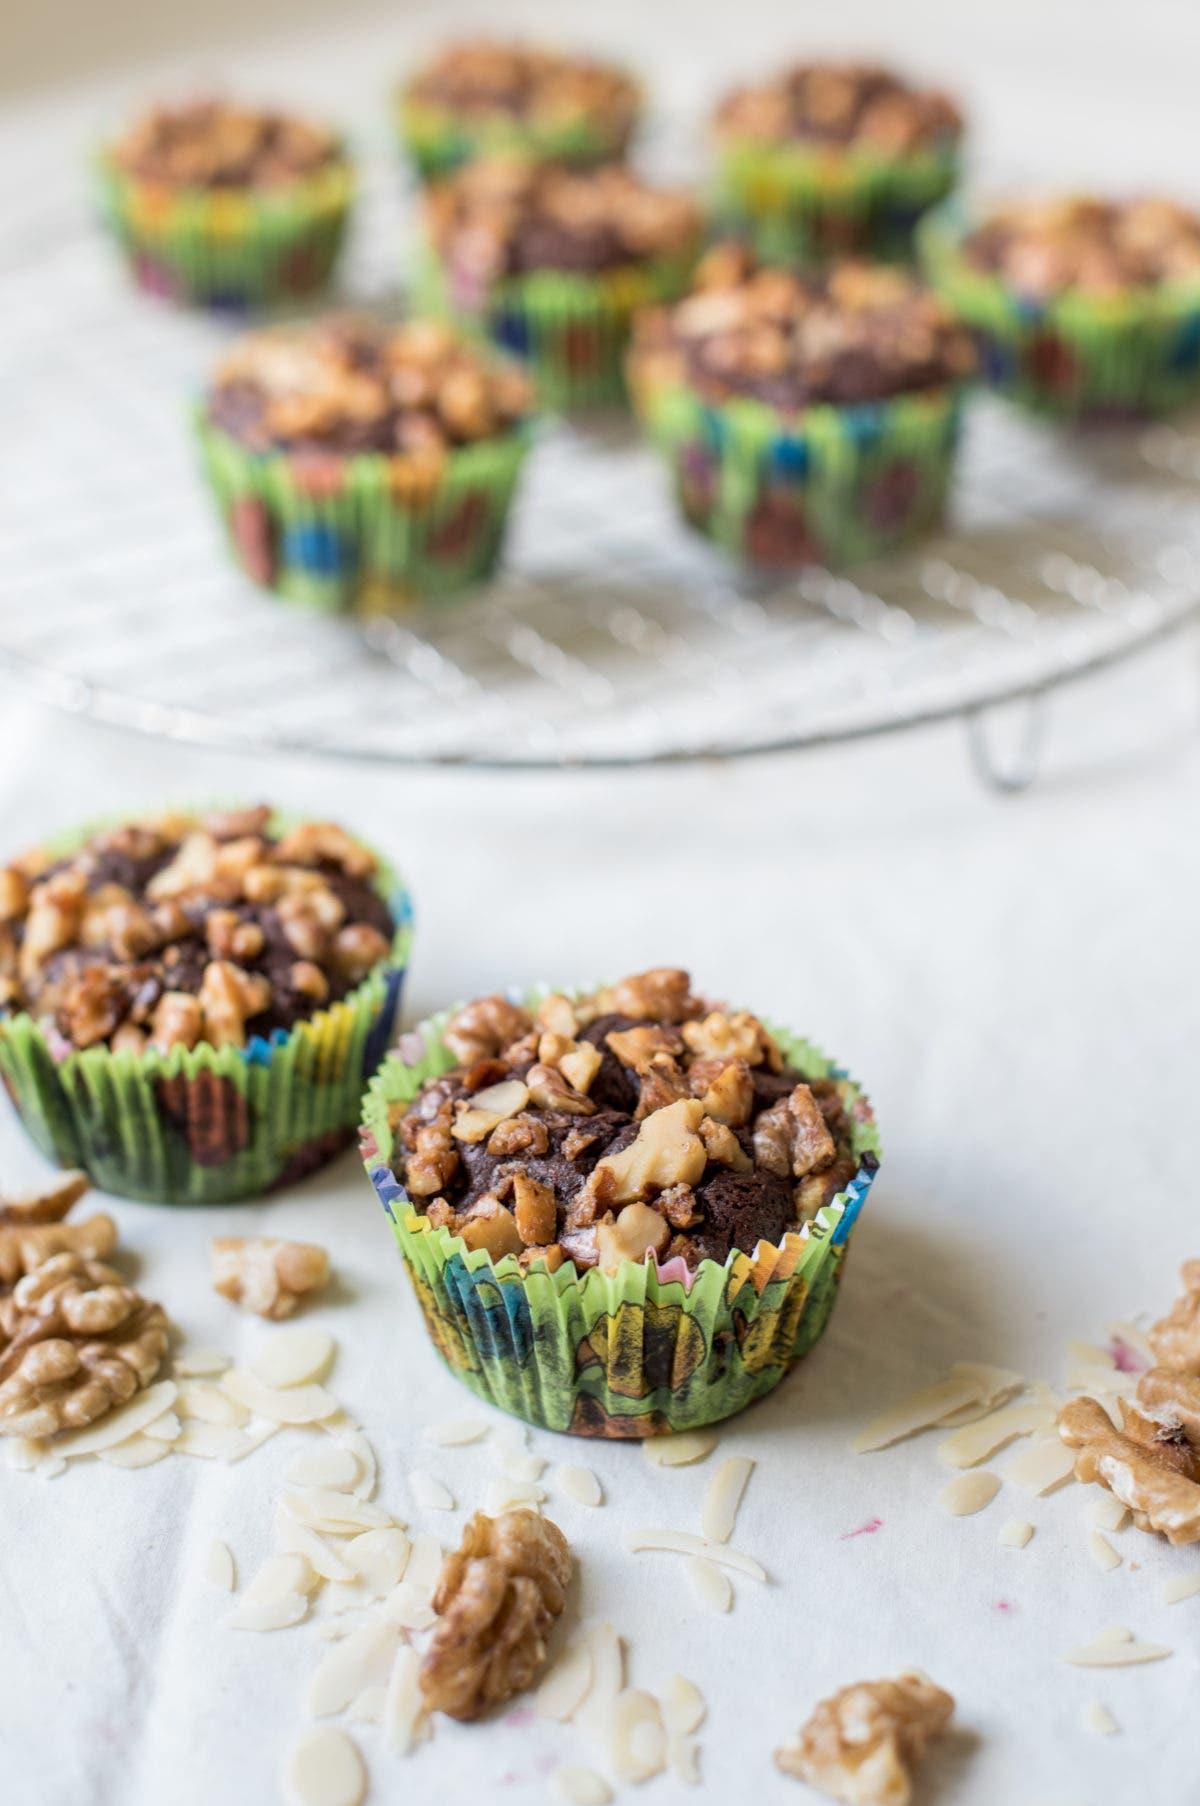 leicht erhöhte Ansicht von zwei Schokomuffins vor Backrost mit weiteren Muffins